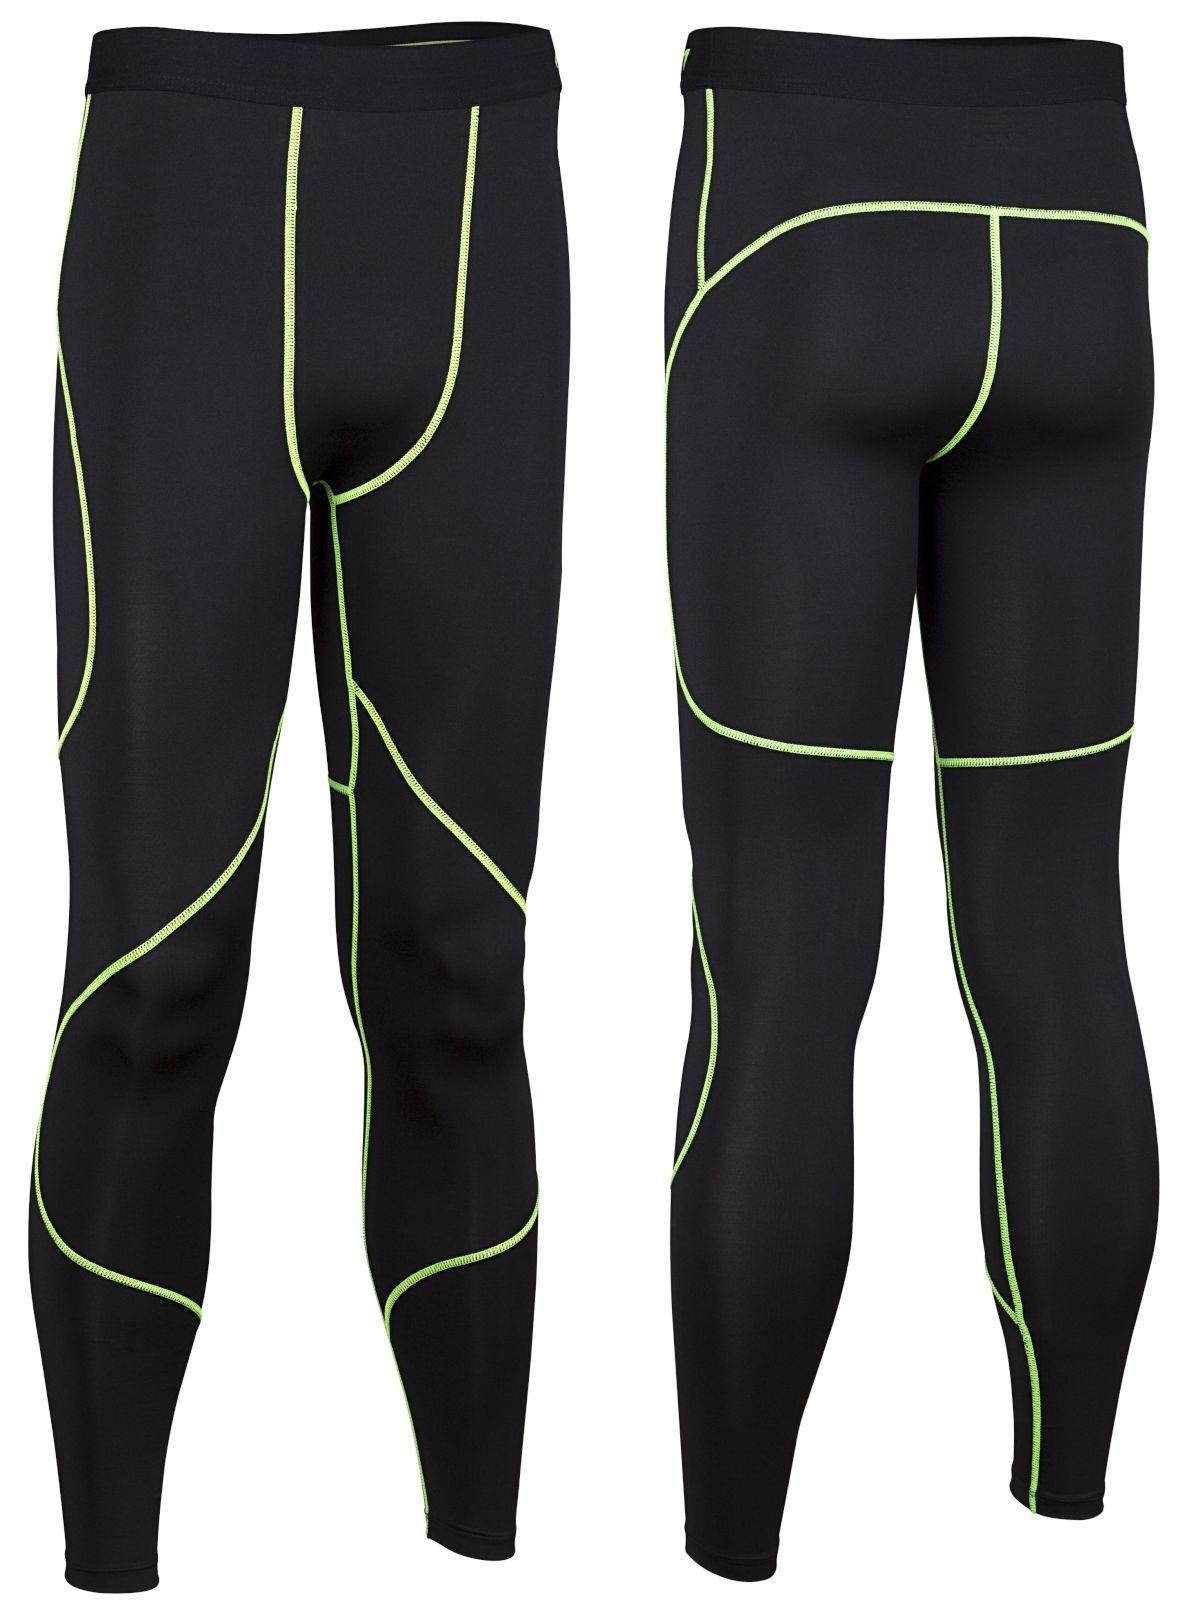 a7b5daf6d4 Avento Compression Pants men black / yellow - Internet-Sport&Casuals